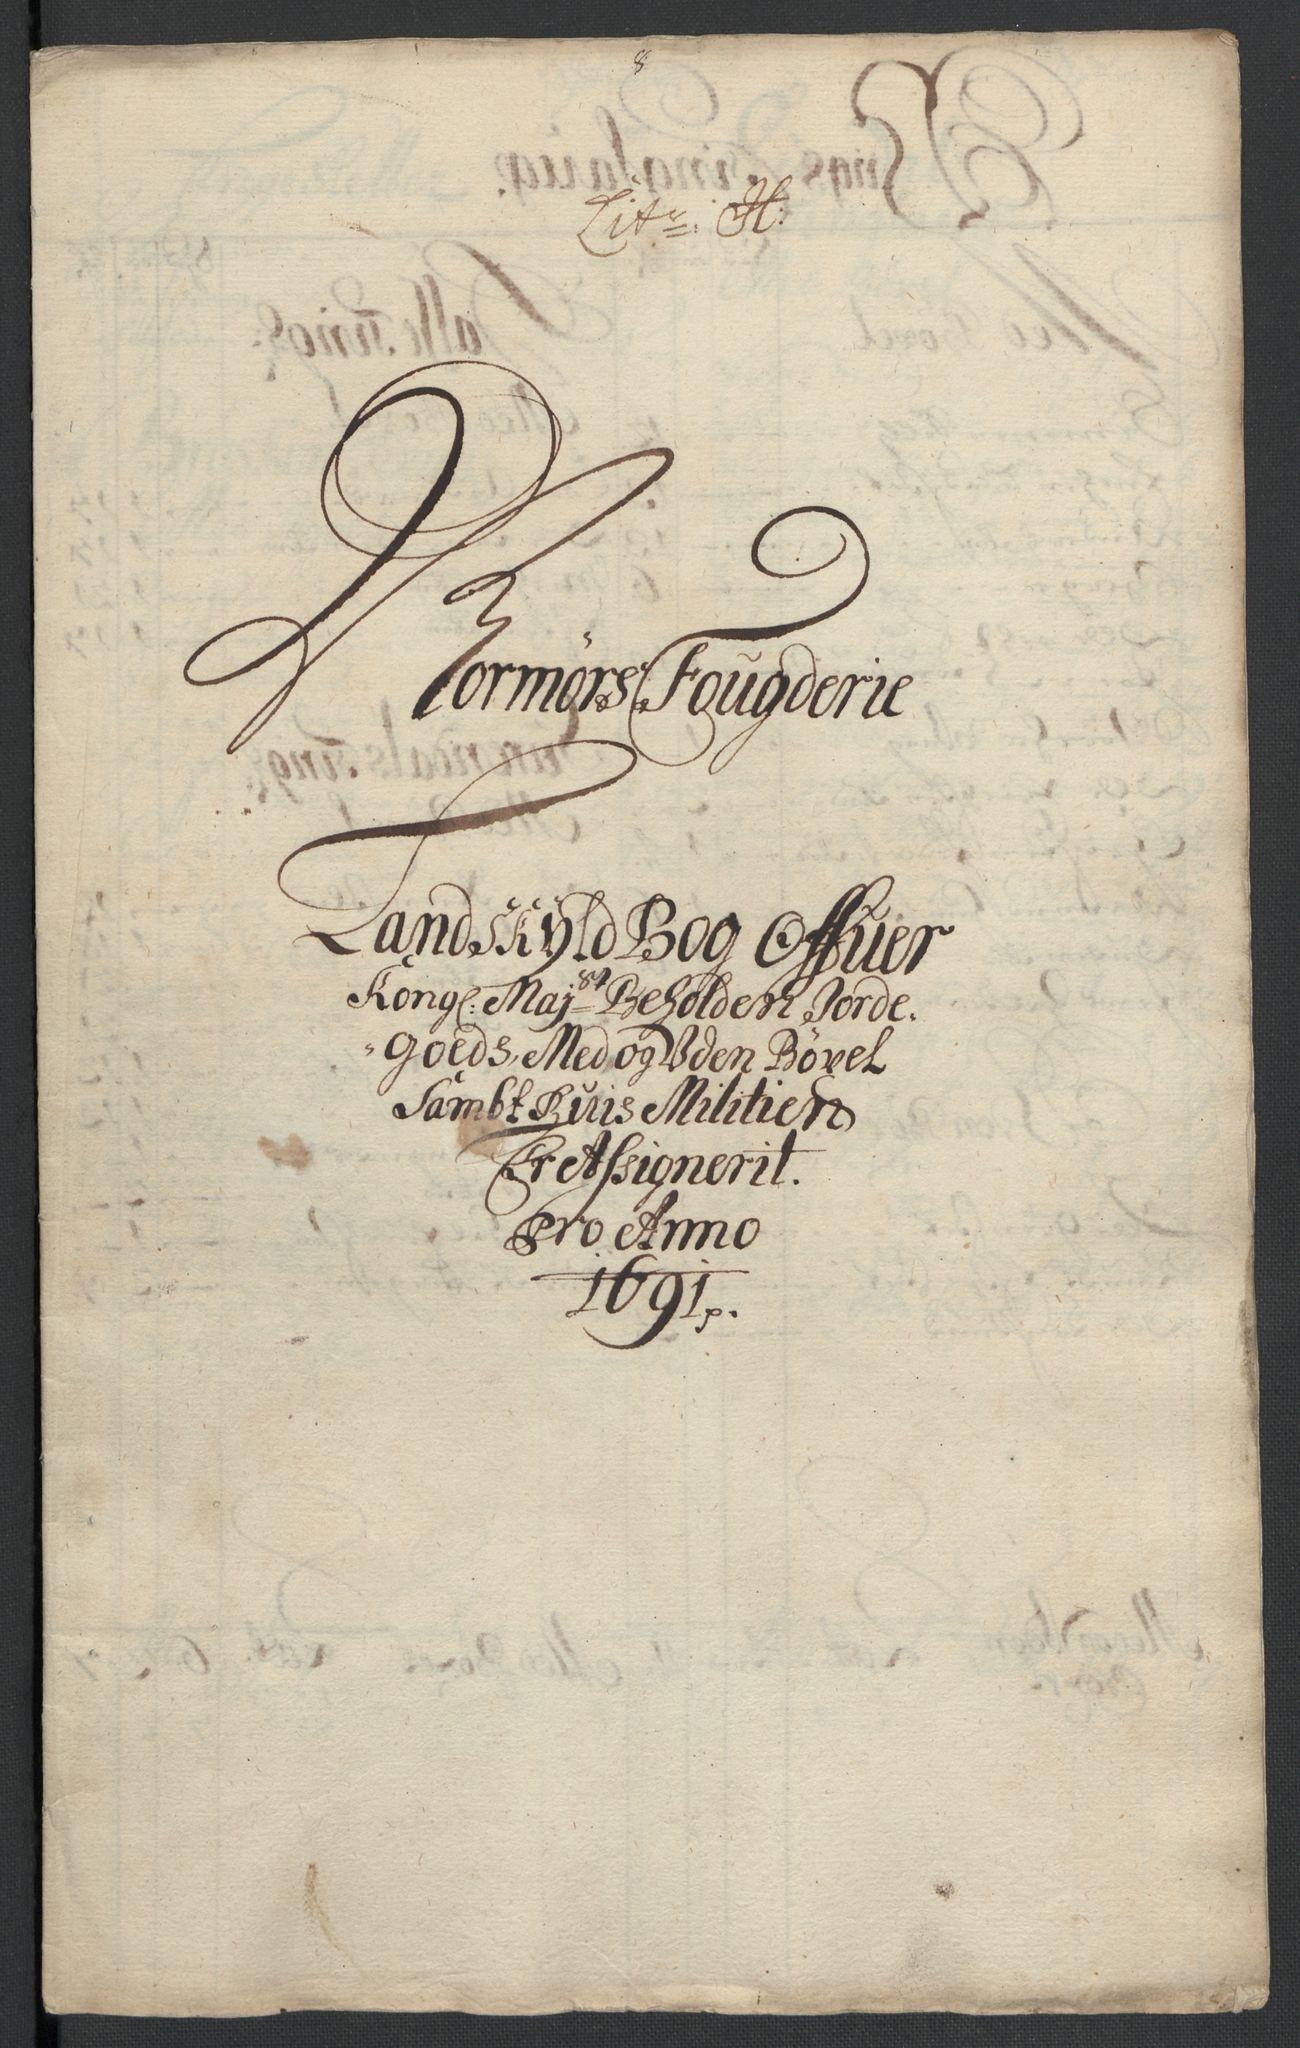 RA, Rentekammeret inntil 1814, Reviderte regnskaper, Fogderegnskap, R56/L3734: Fogderegnskap Nordmøre, 1690-1691, s. 364